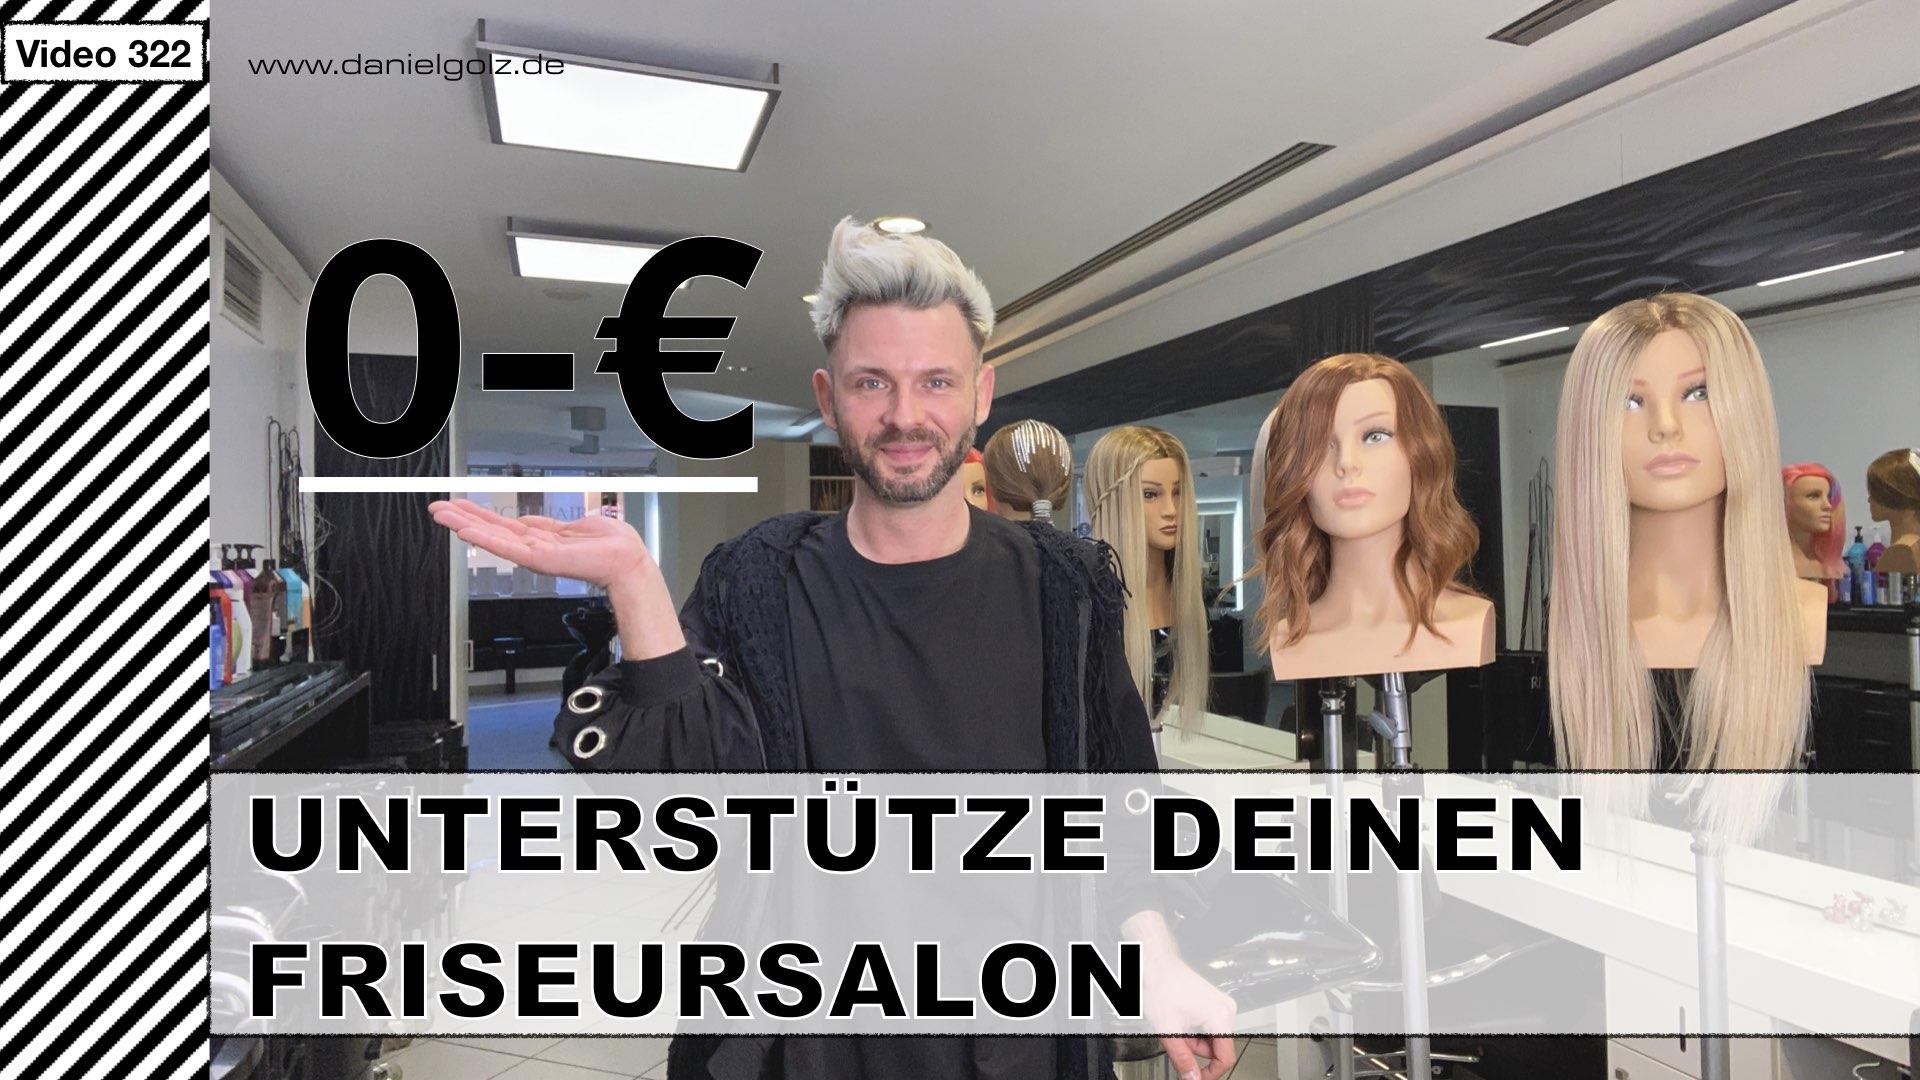 Unterstütze deinen Friseursalon mit 0€ in der Corona-Krise